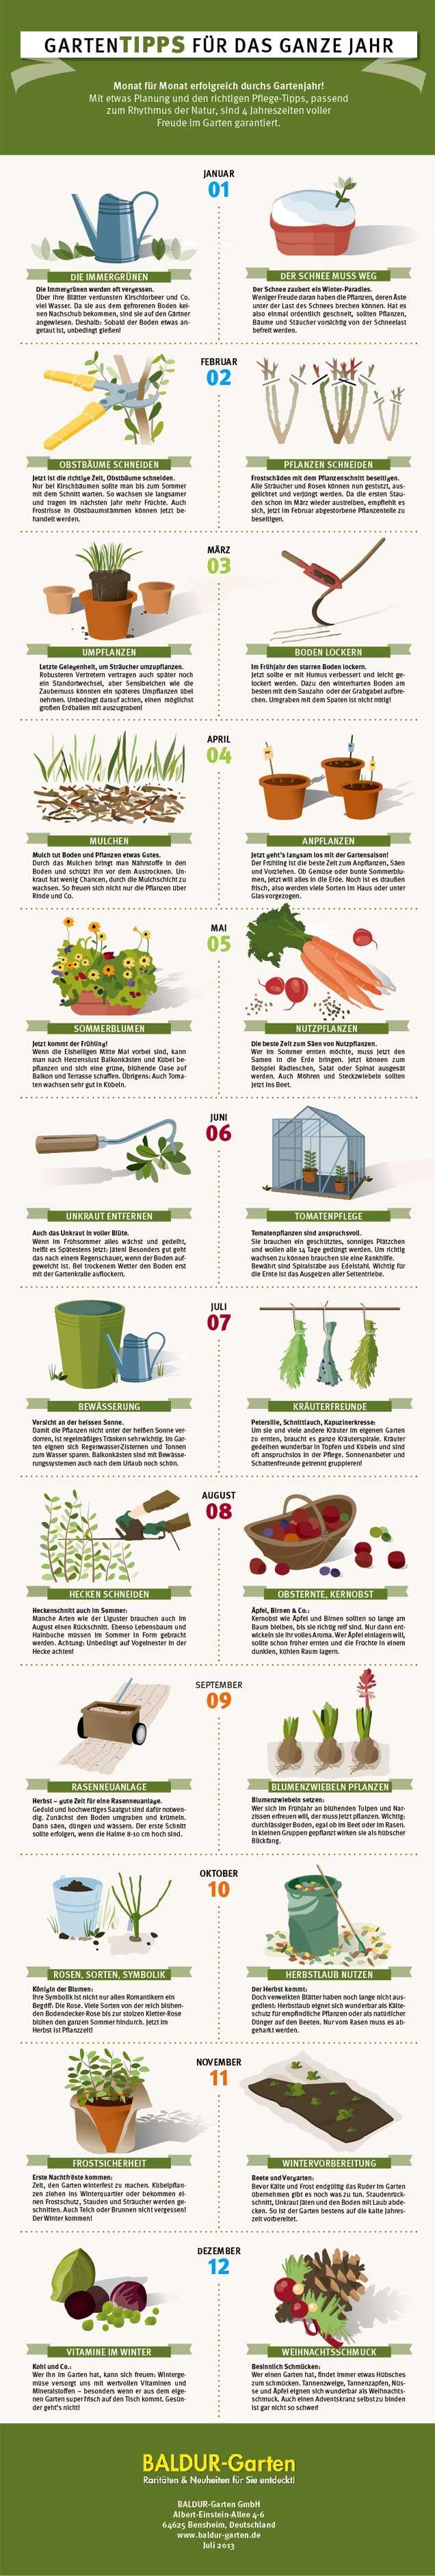 Gartenjahr Als Grafik Hier Geht S Zu Den Gartentipps Garten Gartentipps Garten Hochbeet